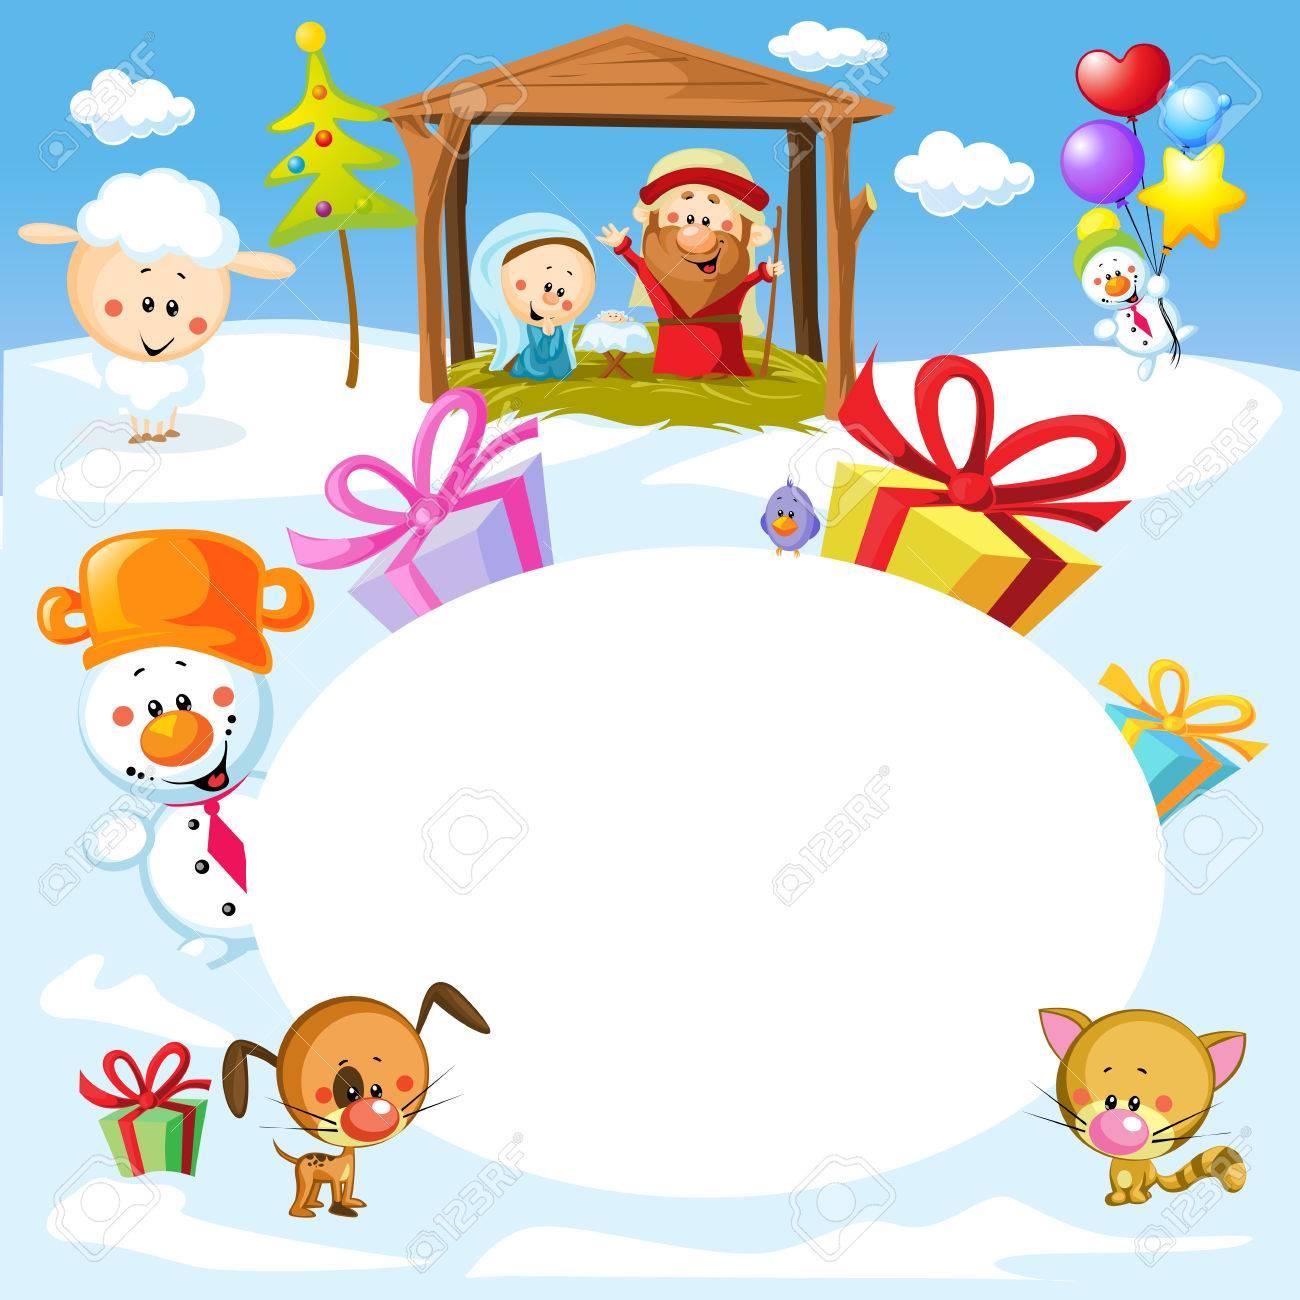 動物 - クリスマス オーバル フレーム イラストと共にベツレヘムの降誕